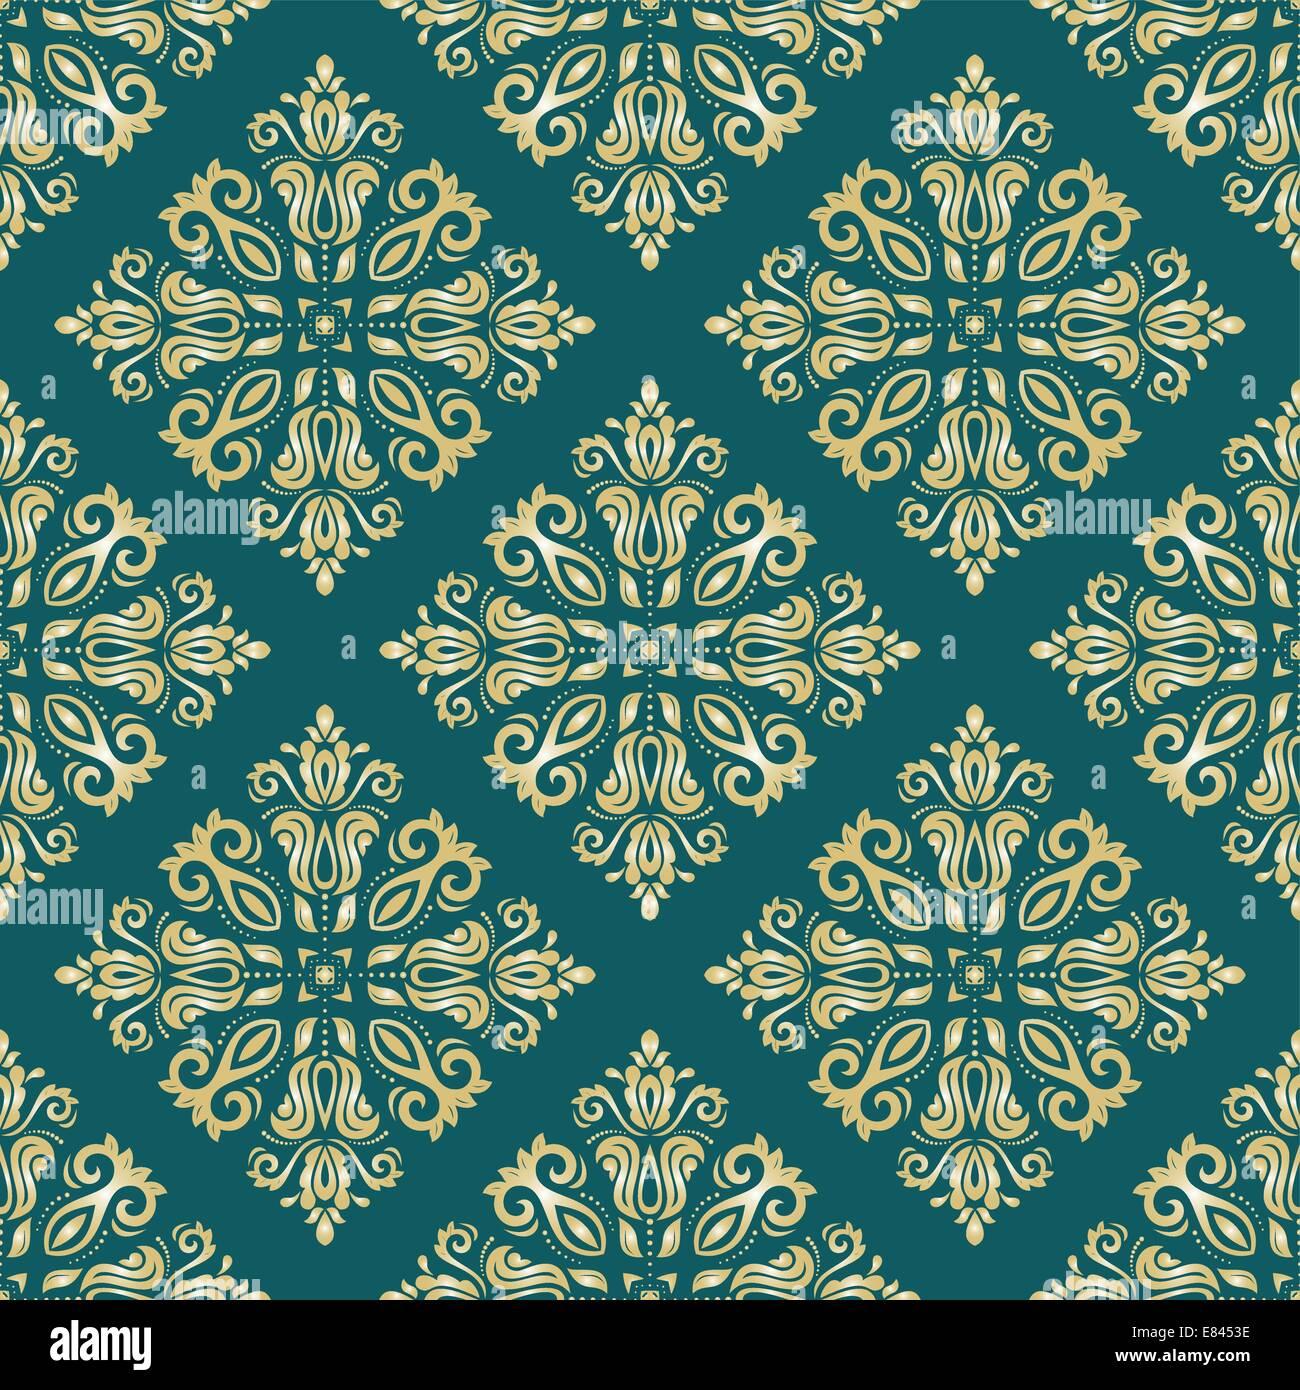 Patrón de vectores orientales con Damasco, arabesco y elementos florales. Resumen Antecedentes perfecta Imagen De Stock